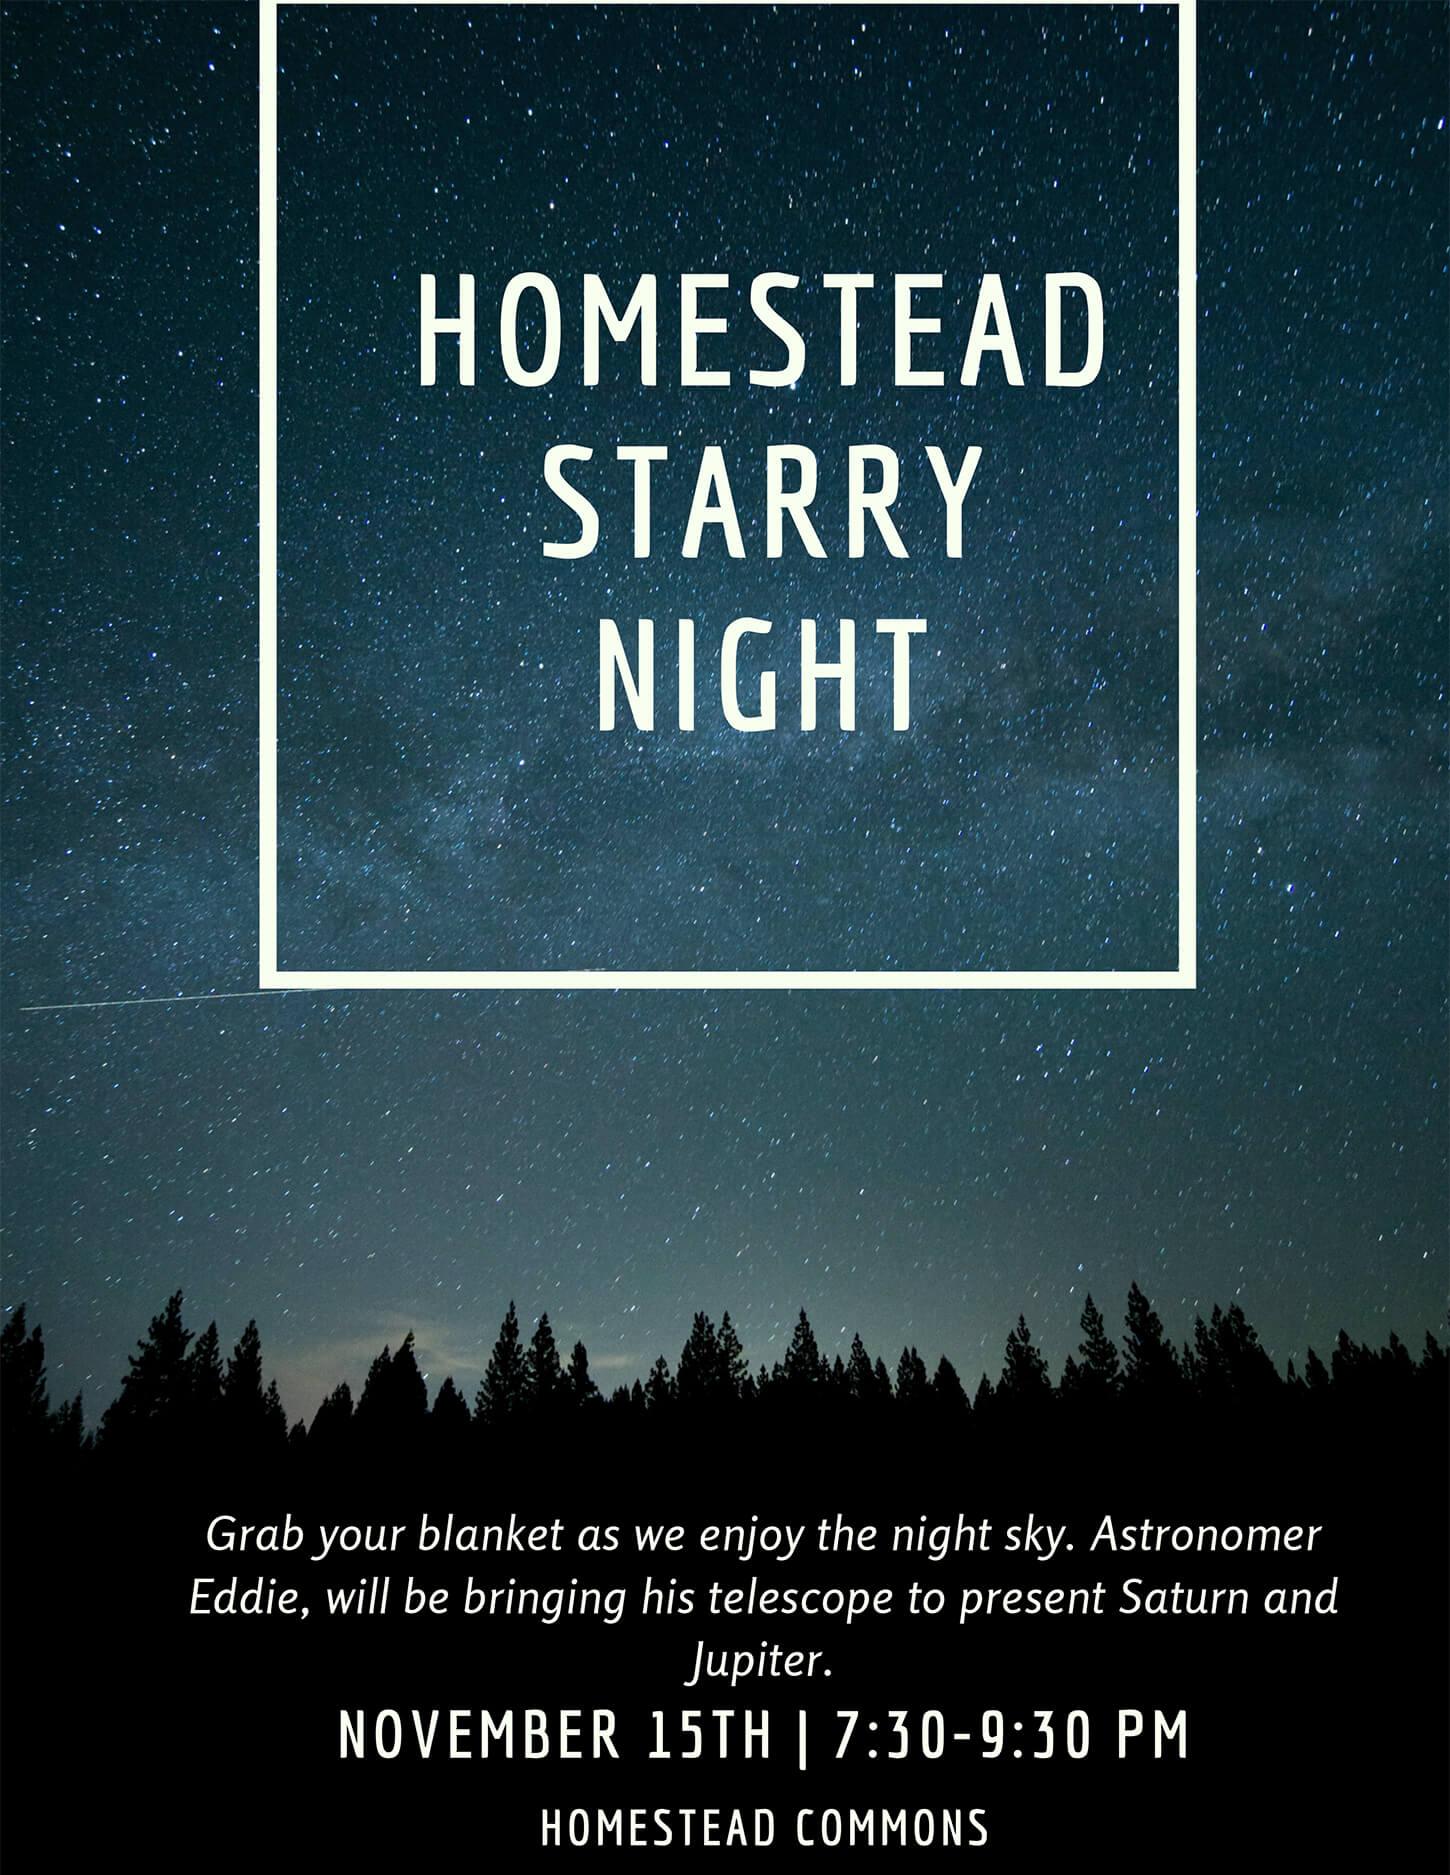 Homestead Starry Night